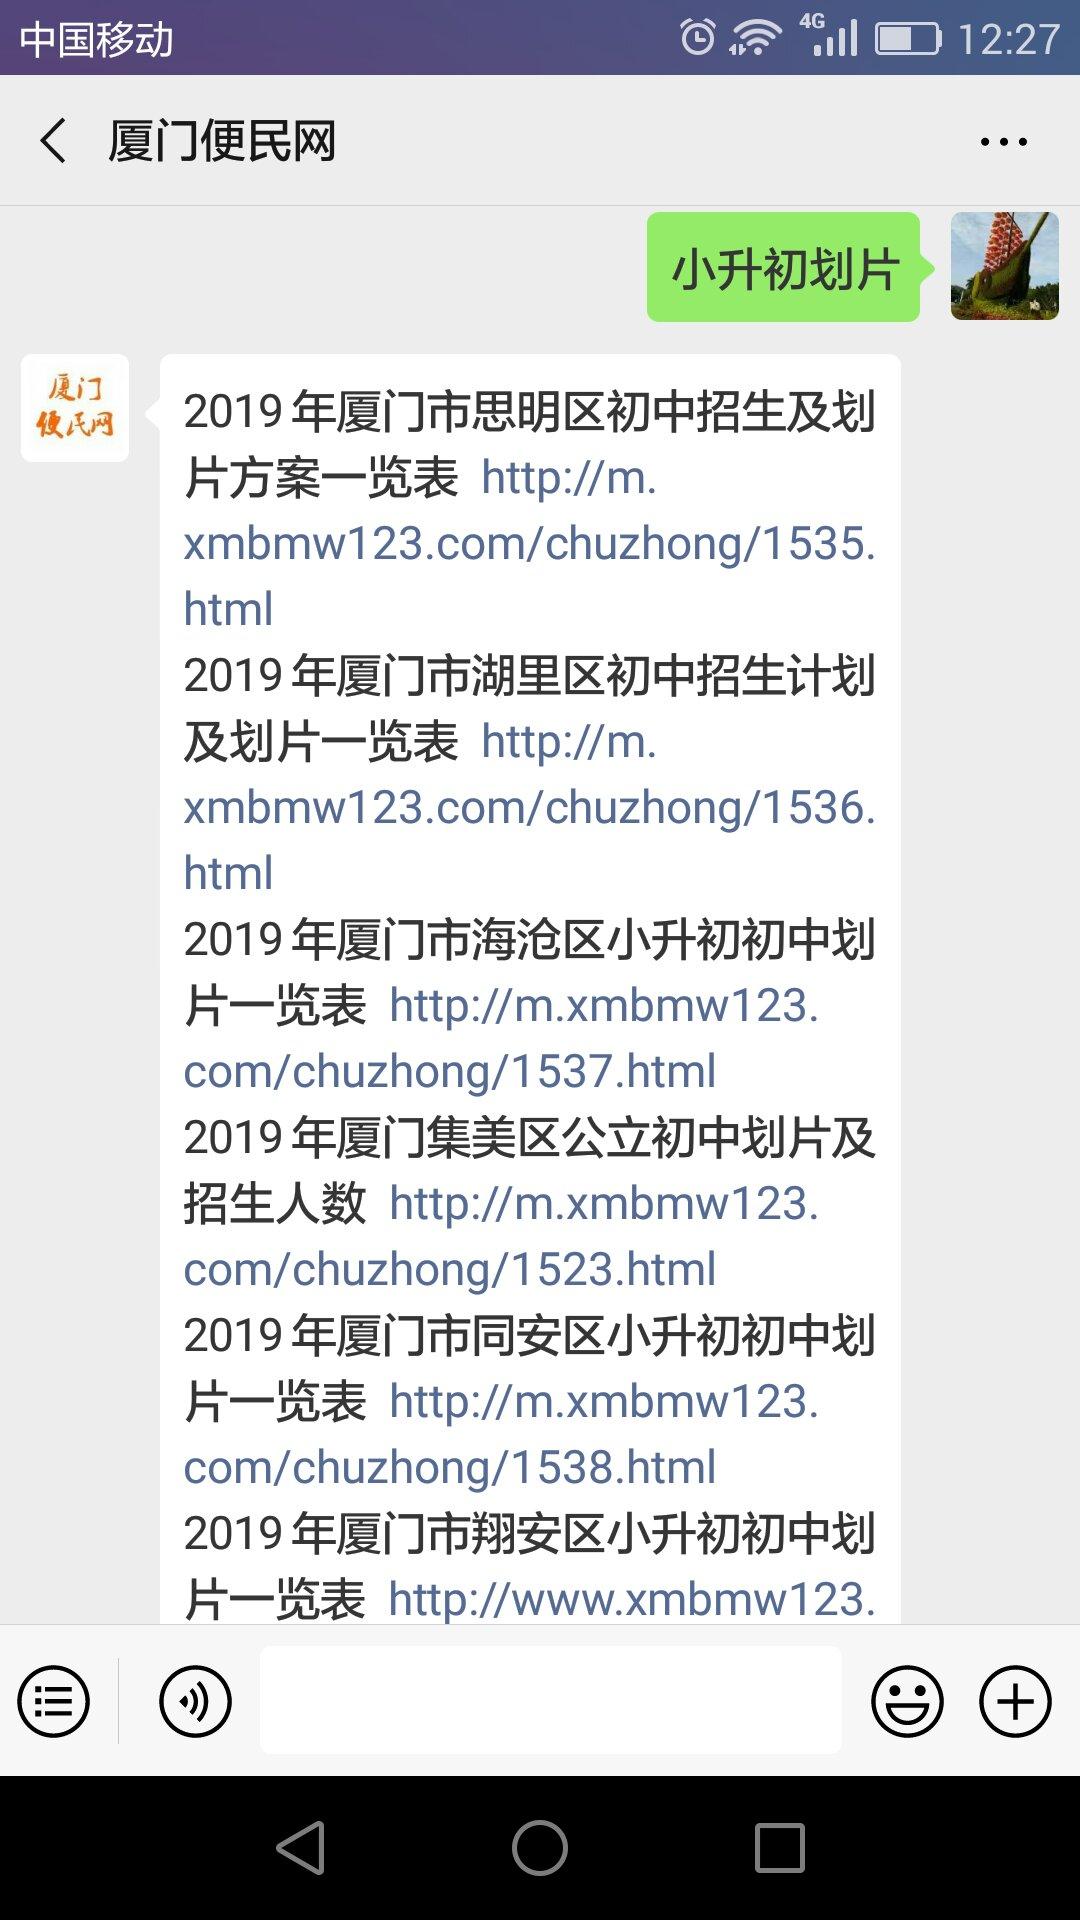 chuzhonghuapian.jpg